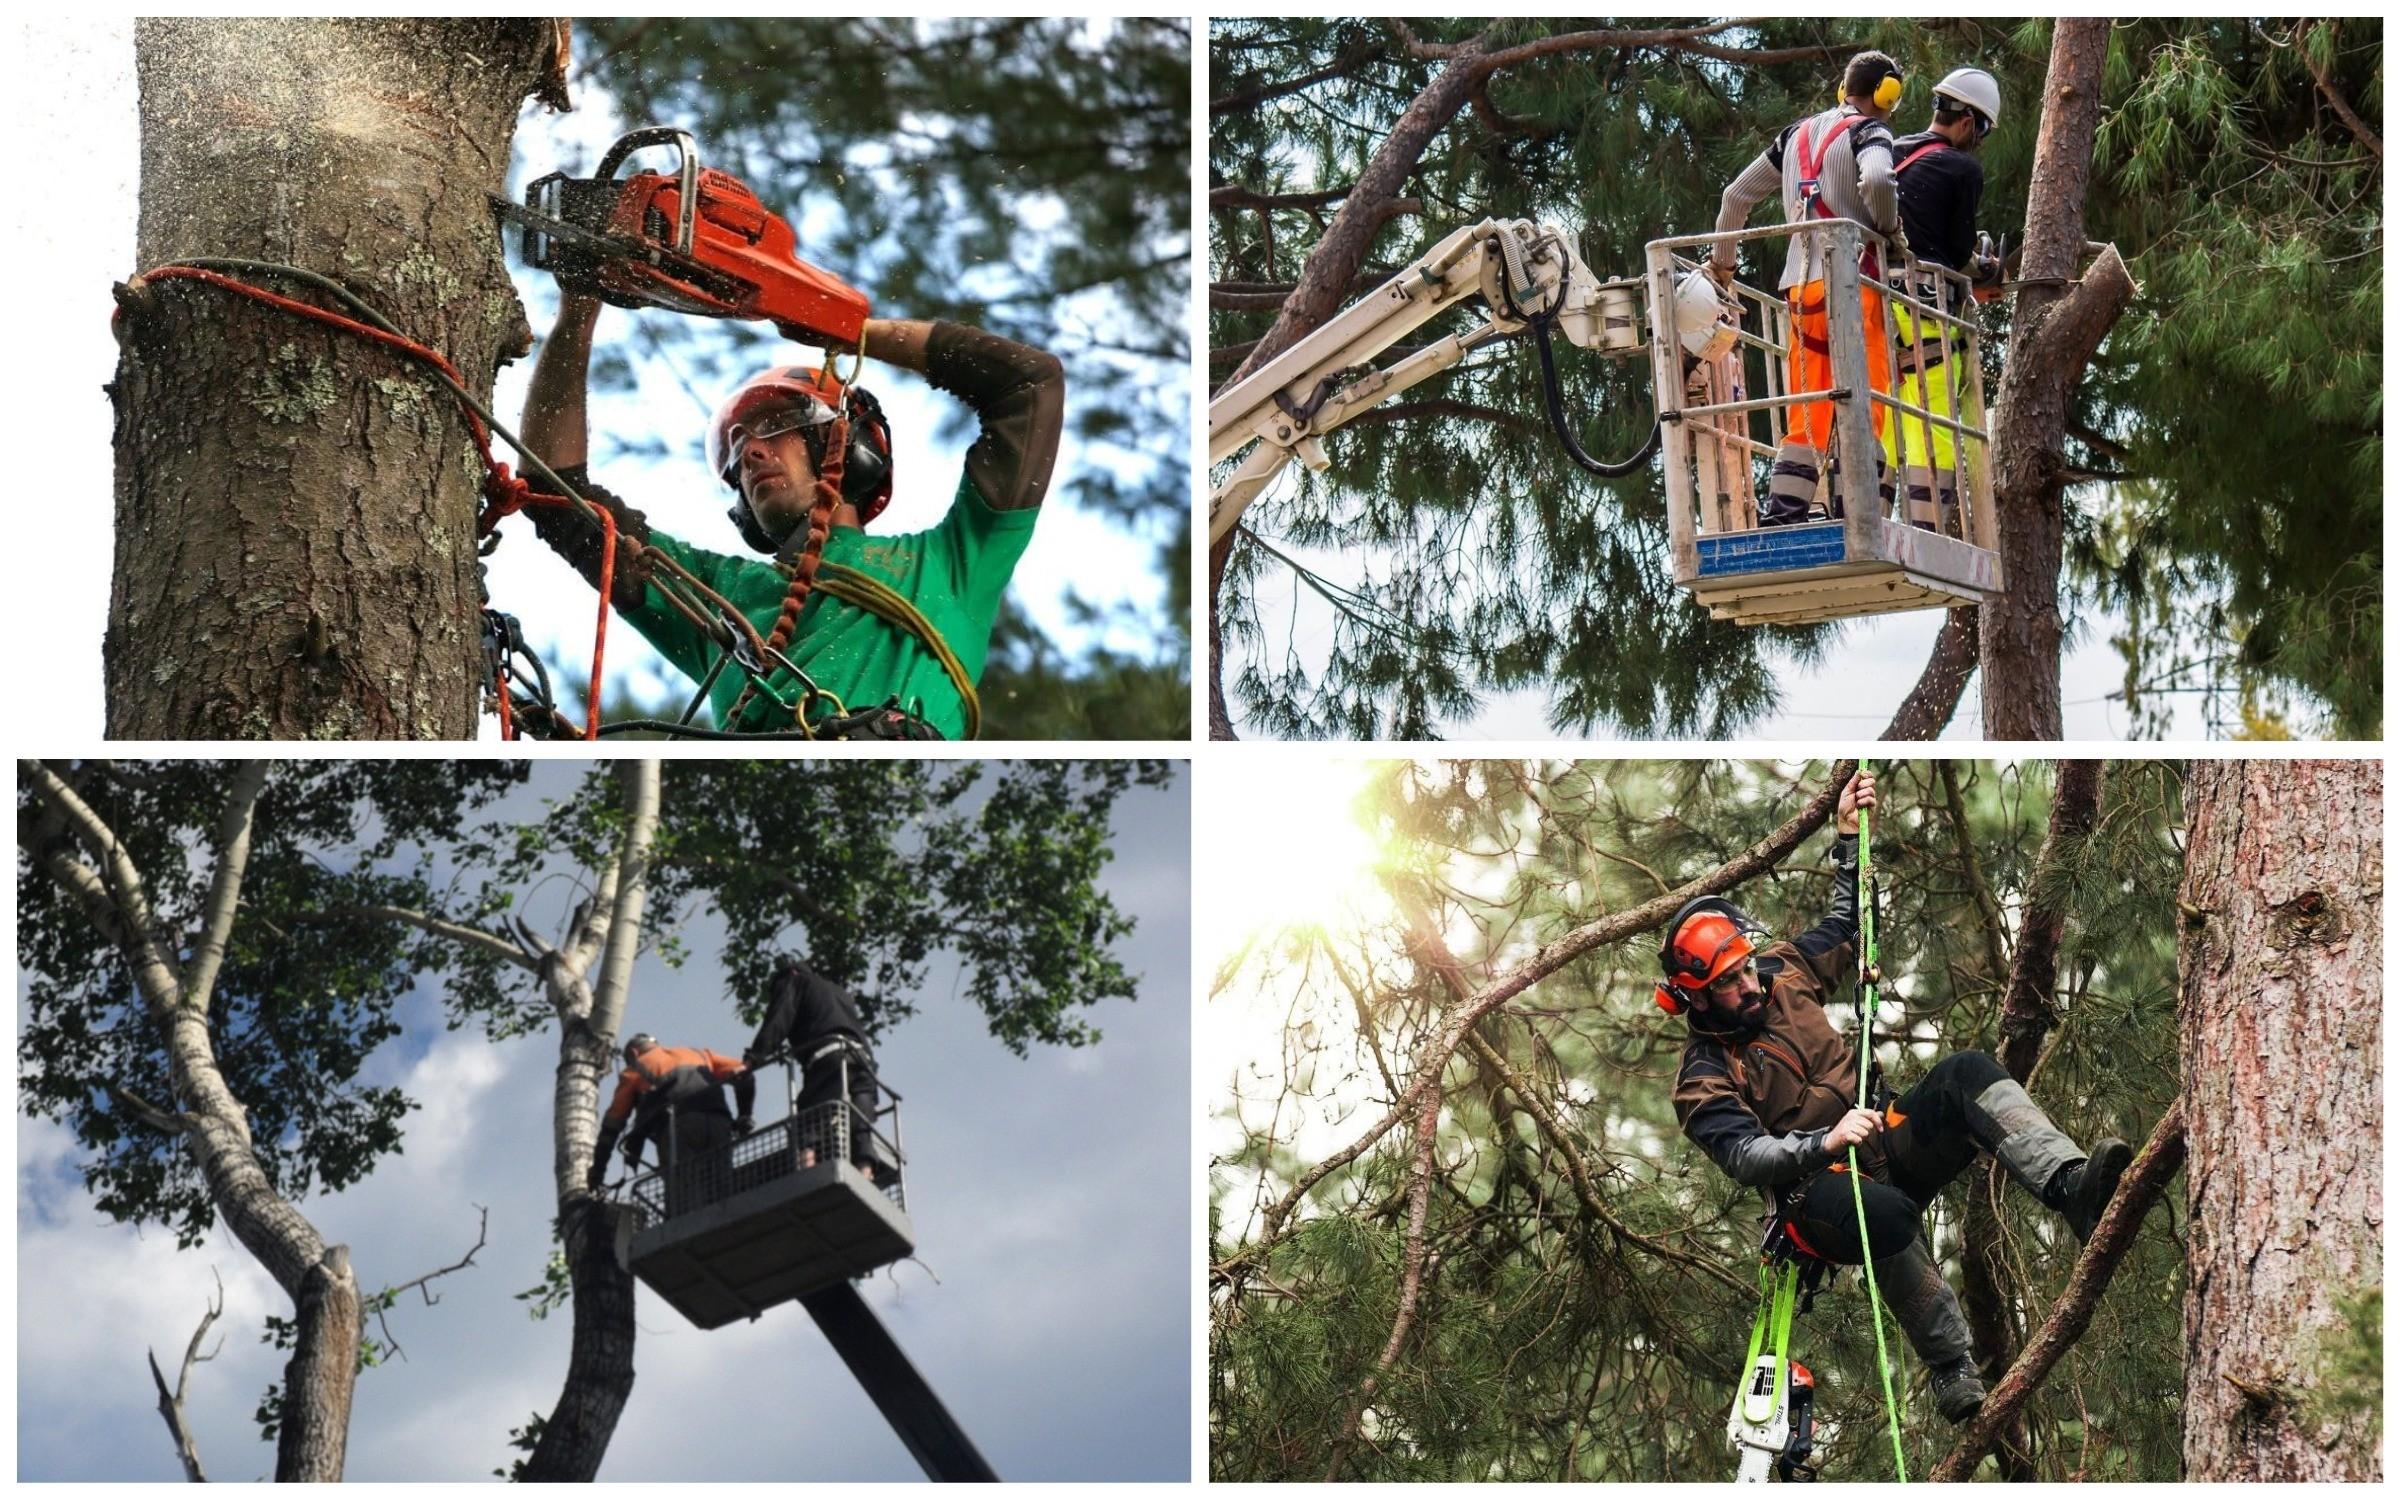 изображение спиливания дерева с помощью спецтехники: с автовышки или с помощью альпинистов